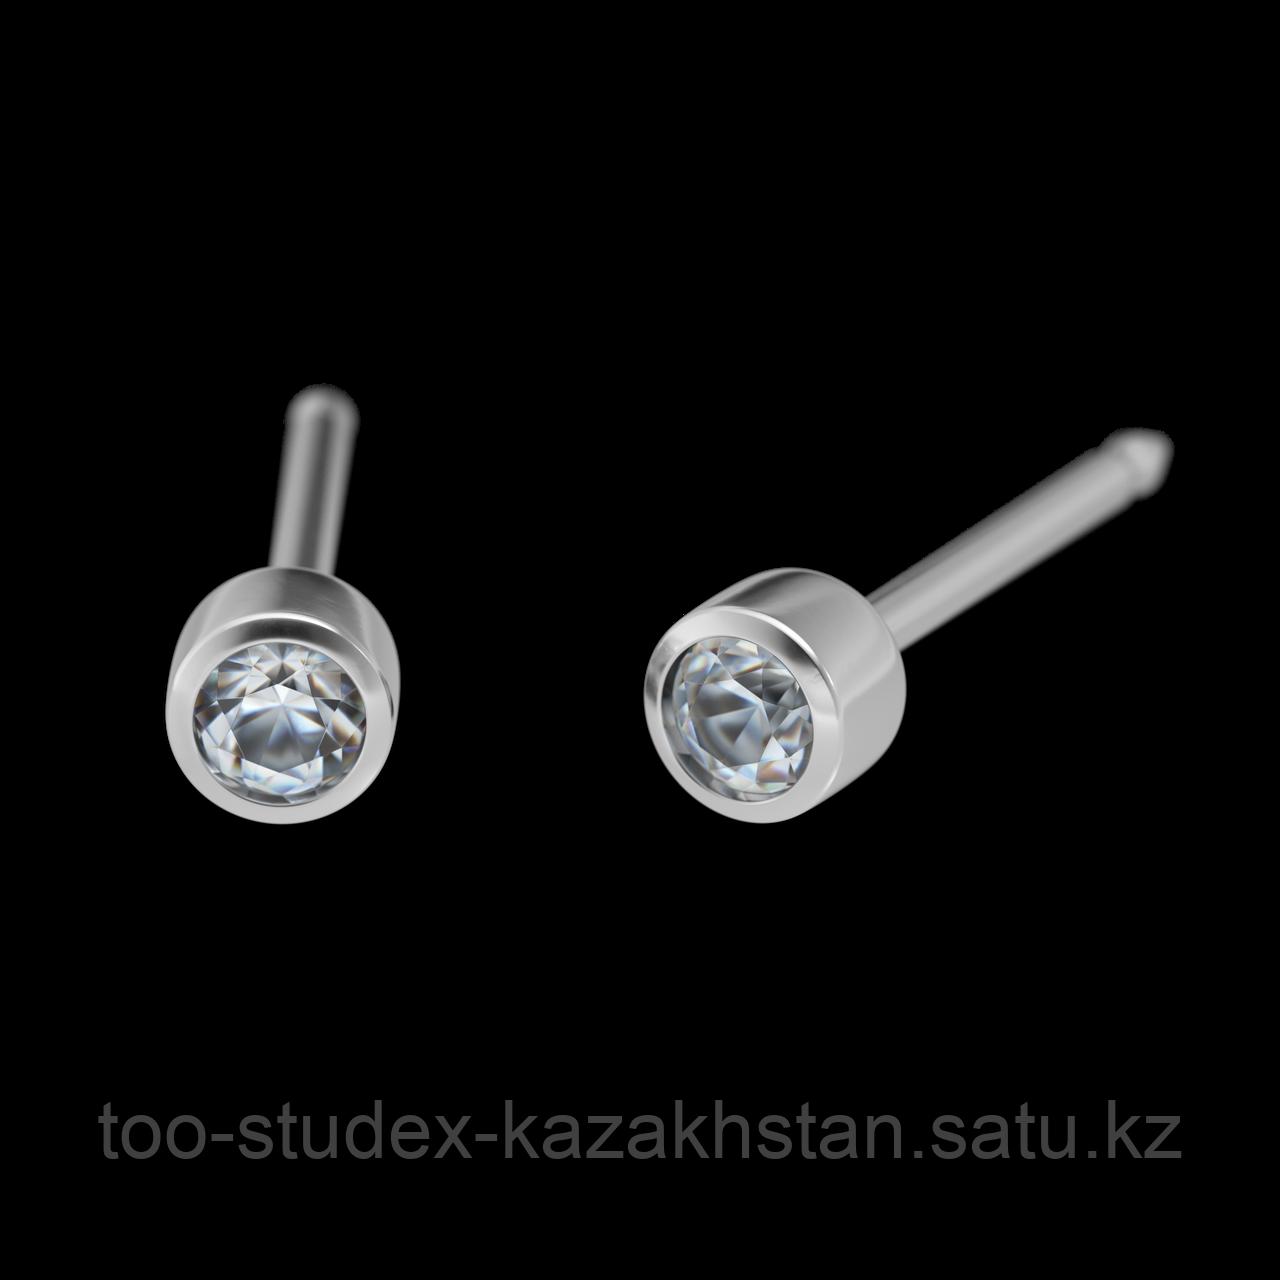 """7532-0204 Серьги-иглы System75™ с цветными кристаллами """"Хрусталь"""""""